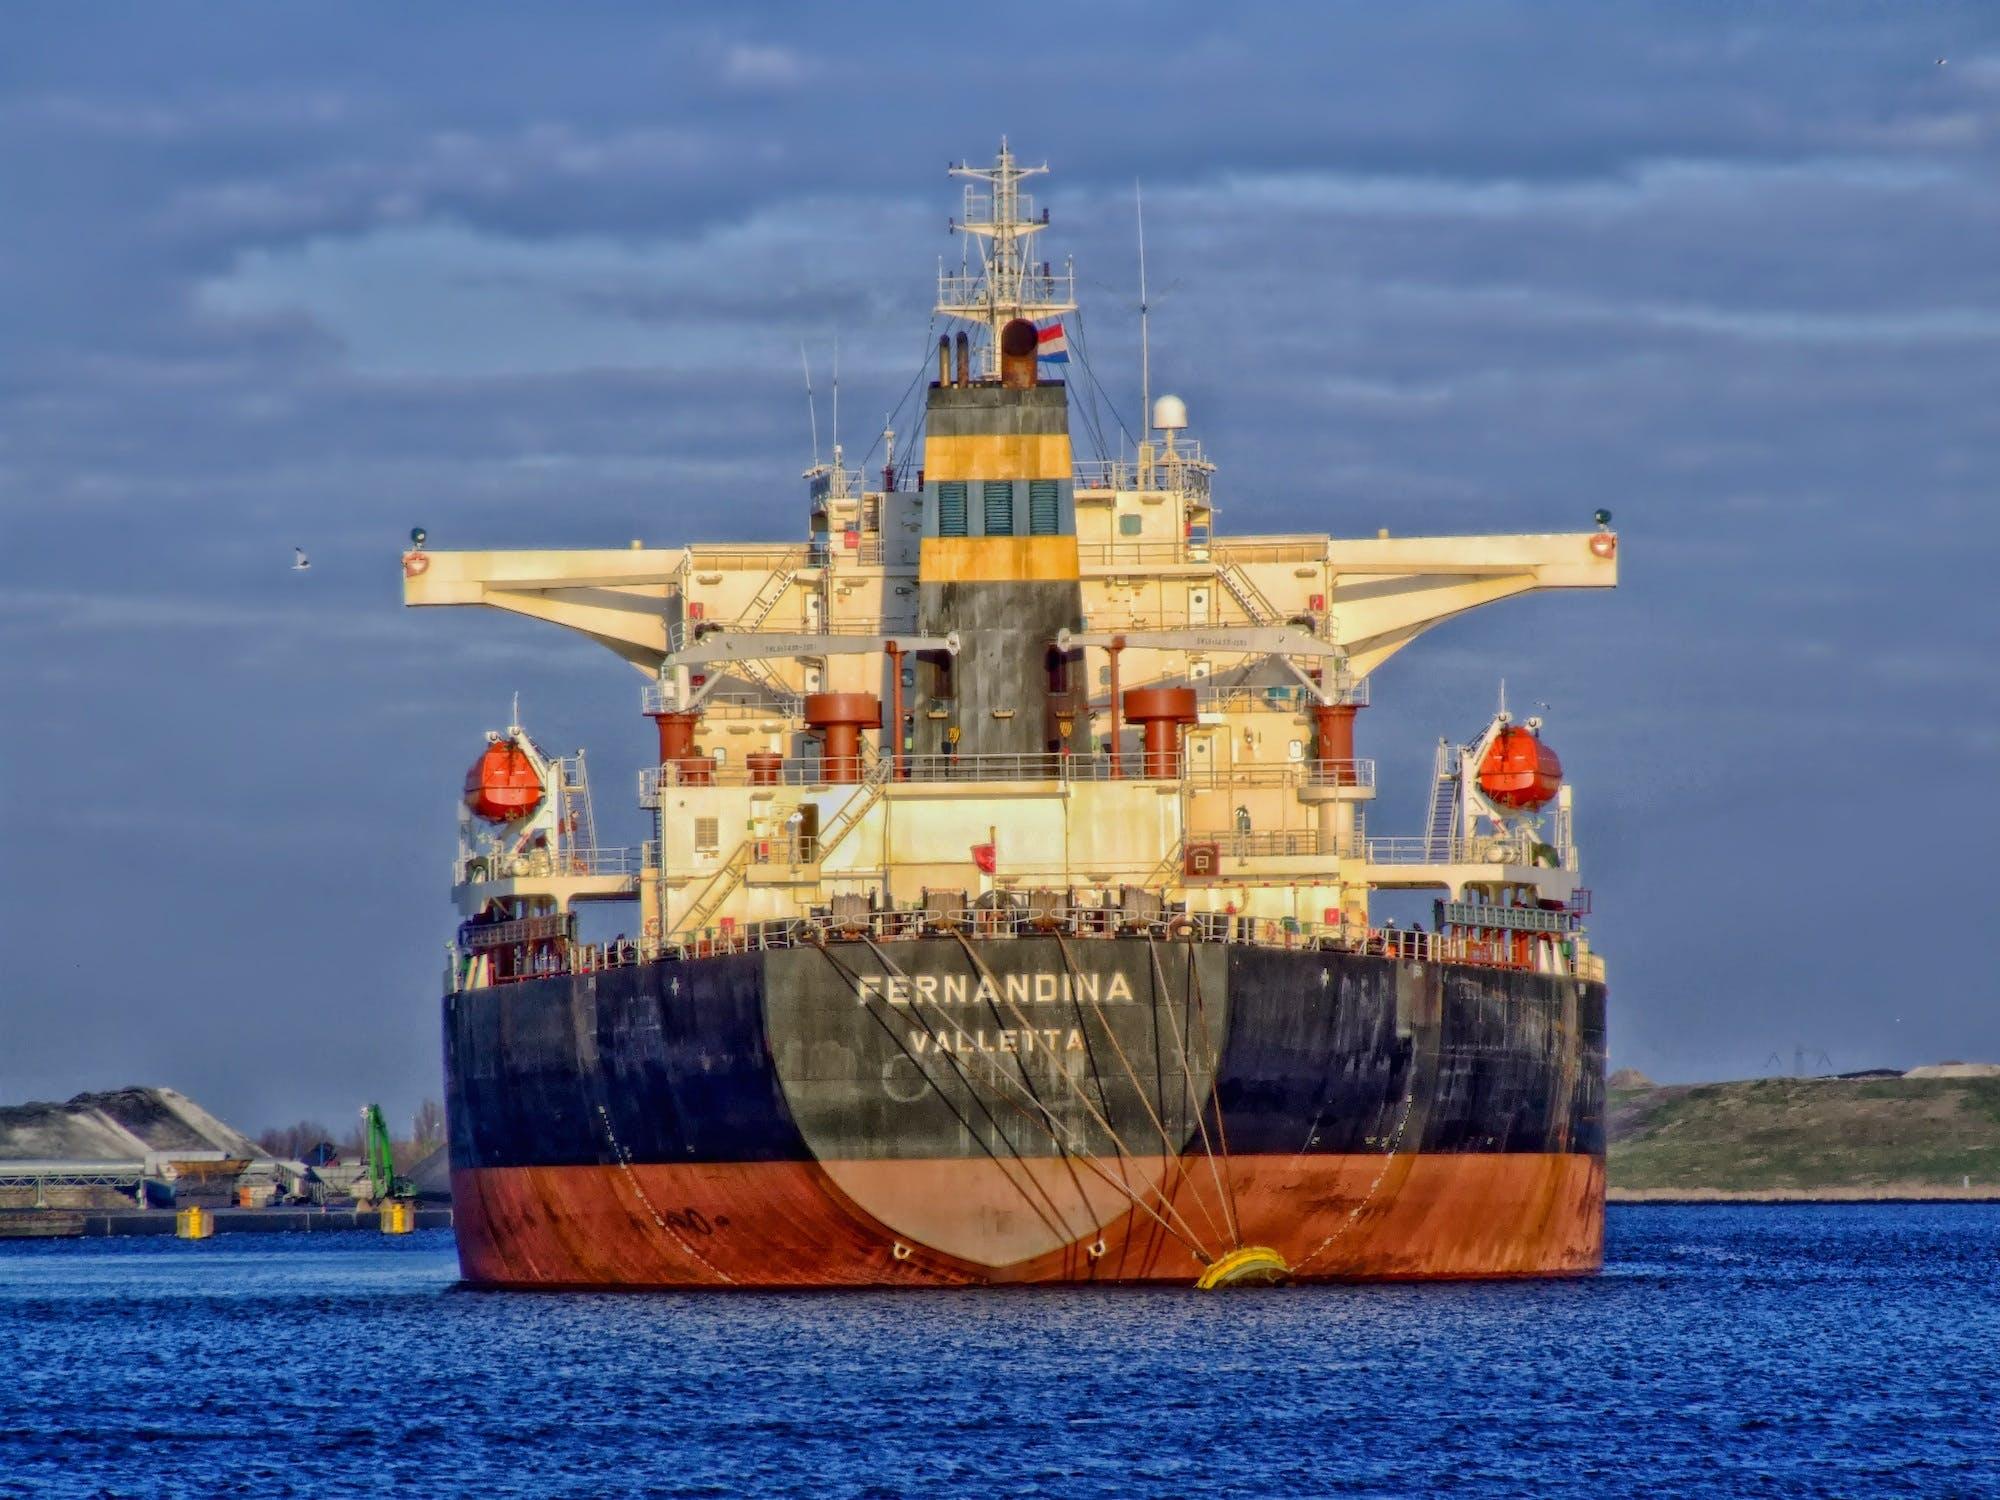 bay, cargo, harbor